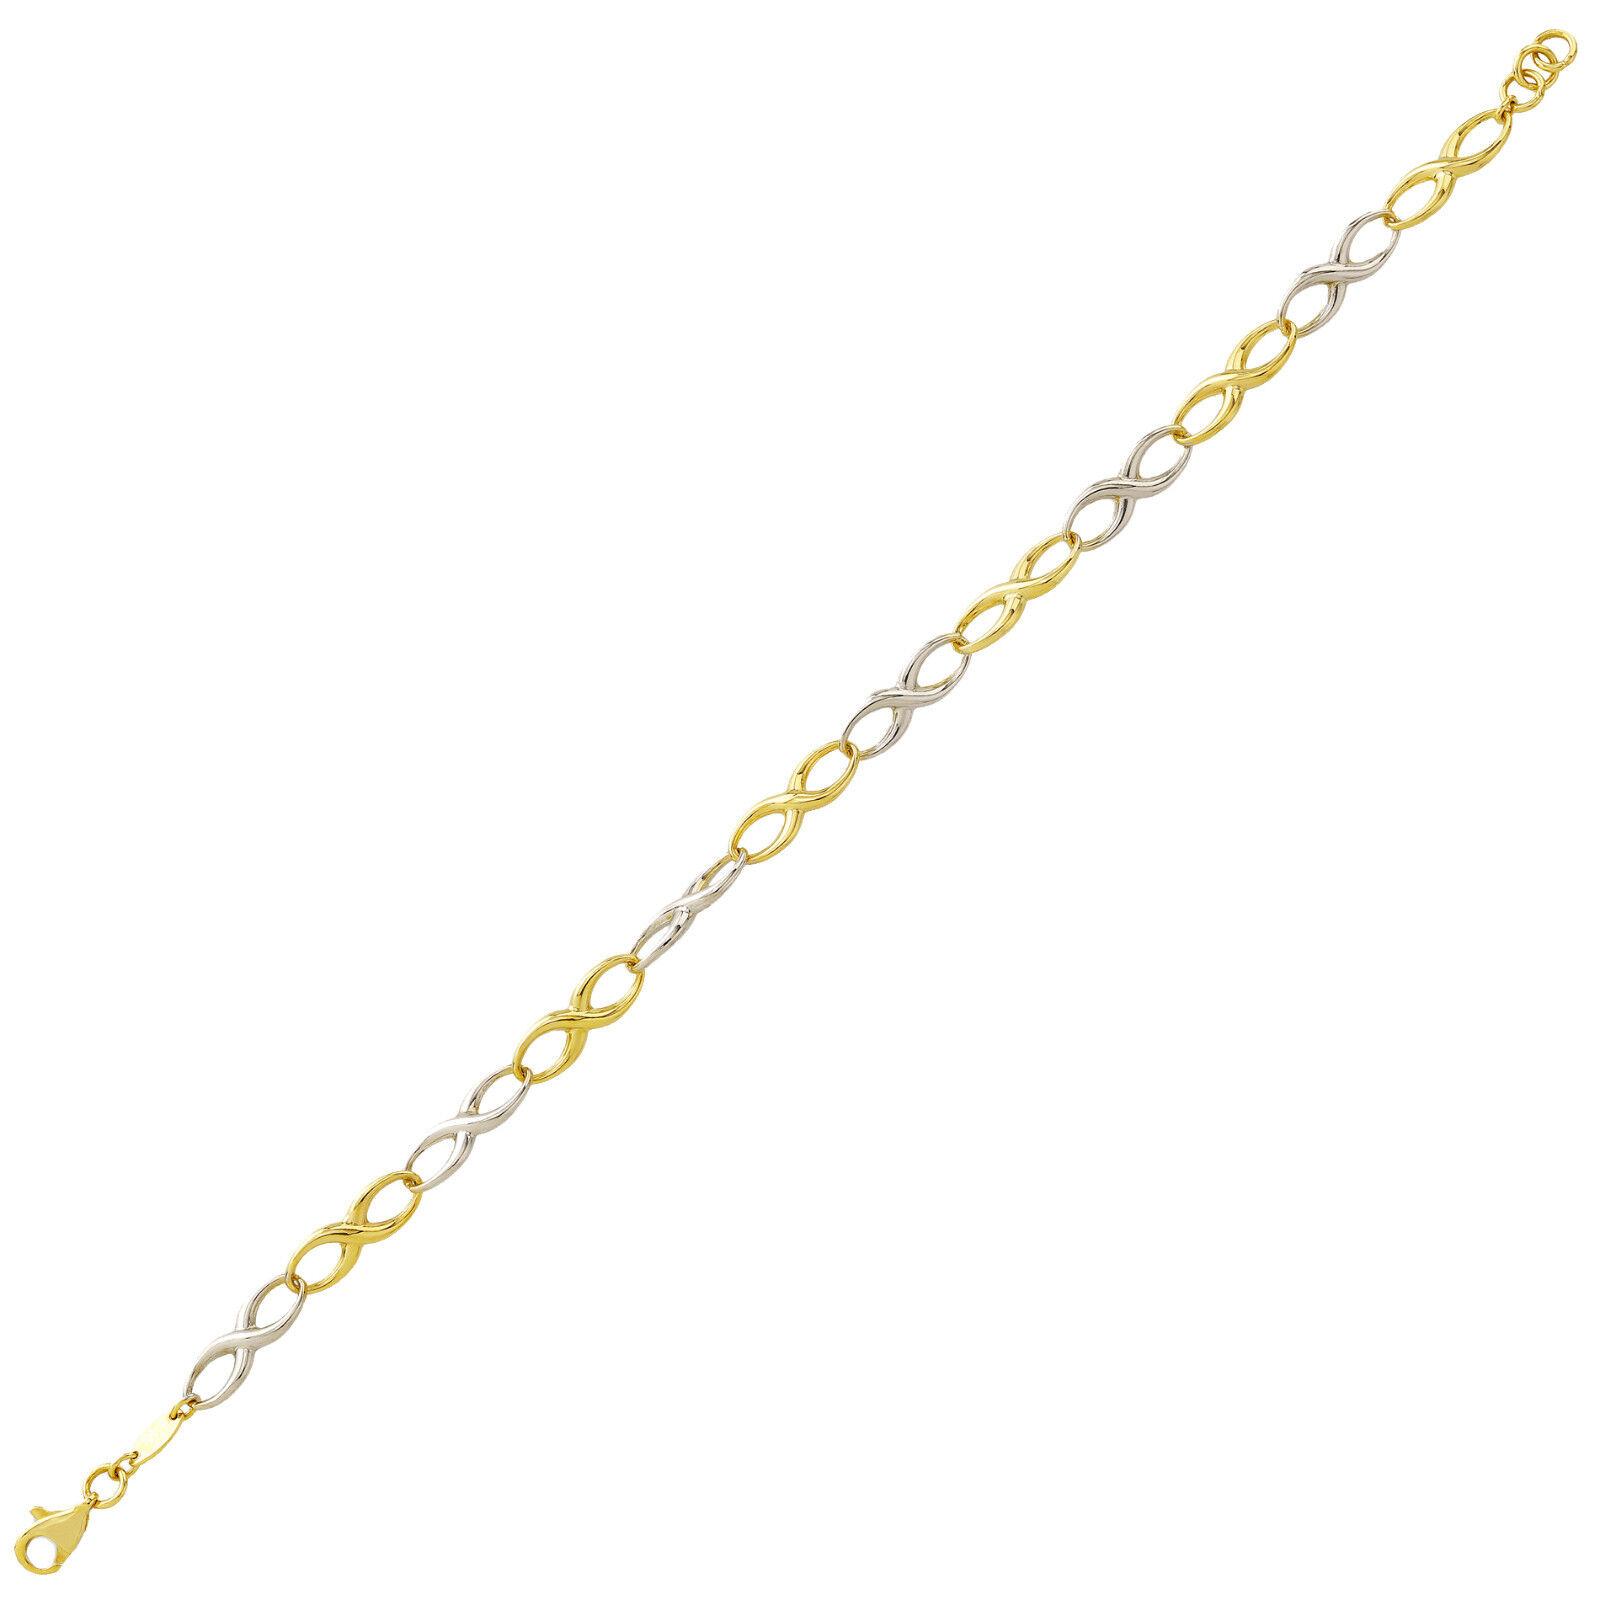 Braccialetto oro Design Bracciale Giallo & Bianco Bracciale oro oro oro 14 carati gioielli 19cm 2673 dc87cd